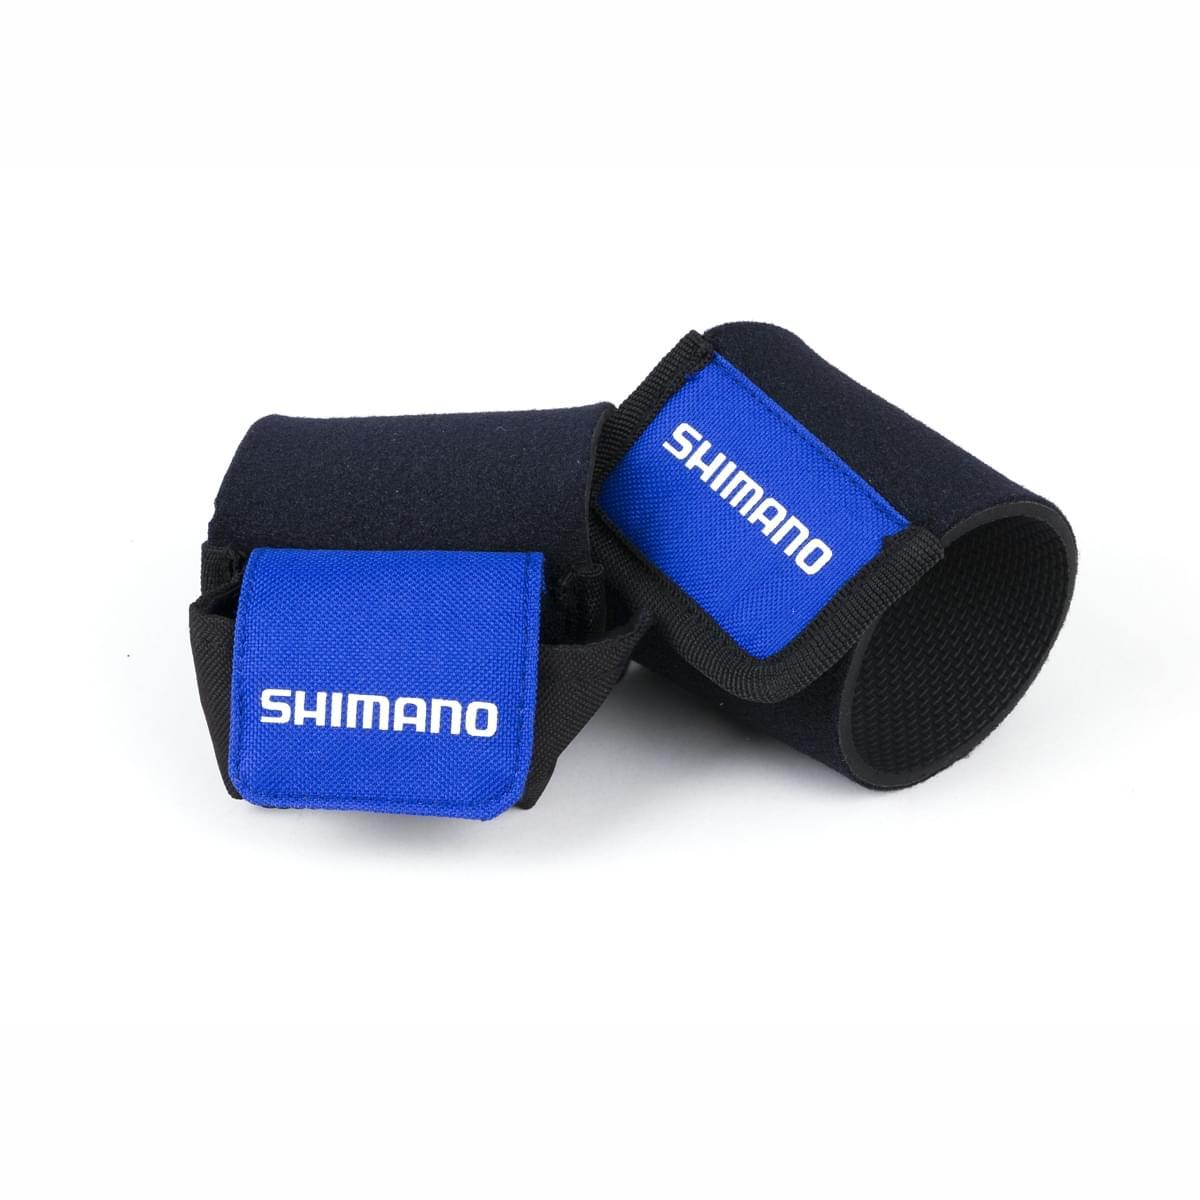 Shimano Rod Bands met opbergvak